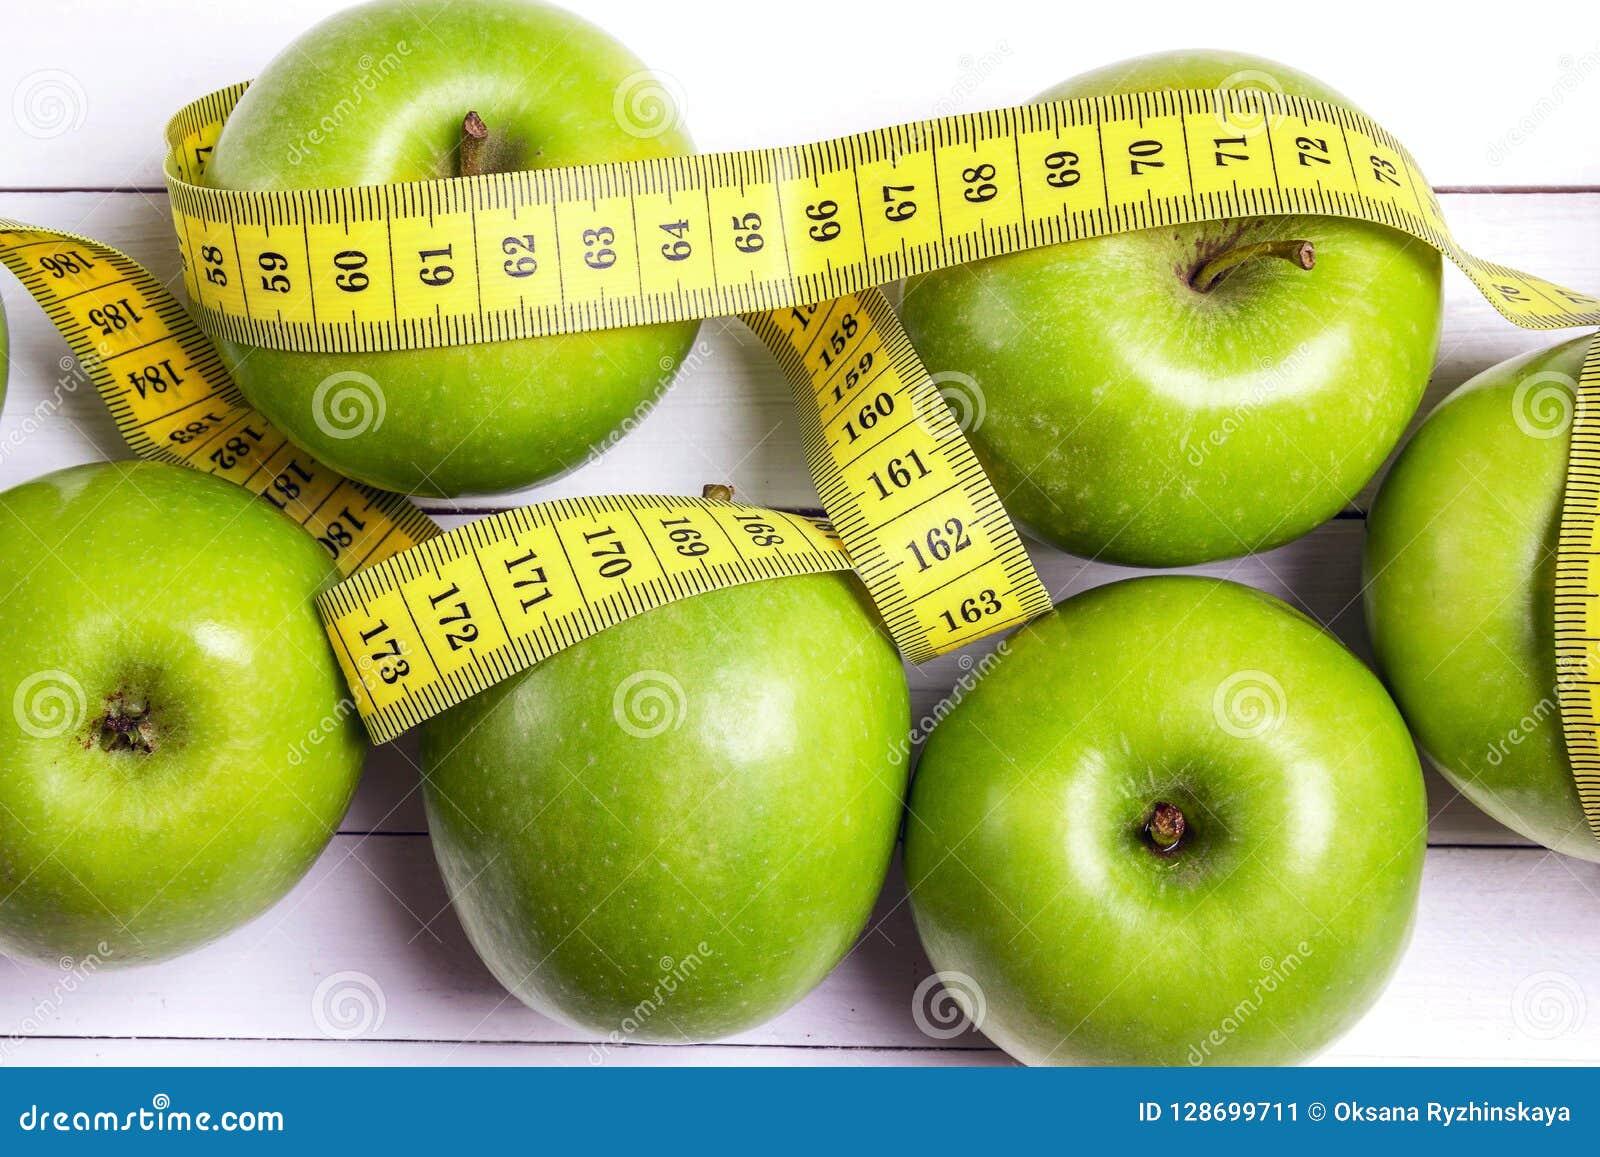 Диета на зеленых яблоках поможет вывести токсины.